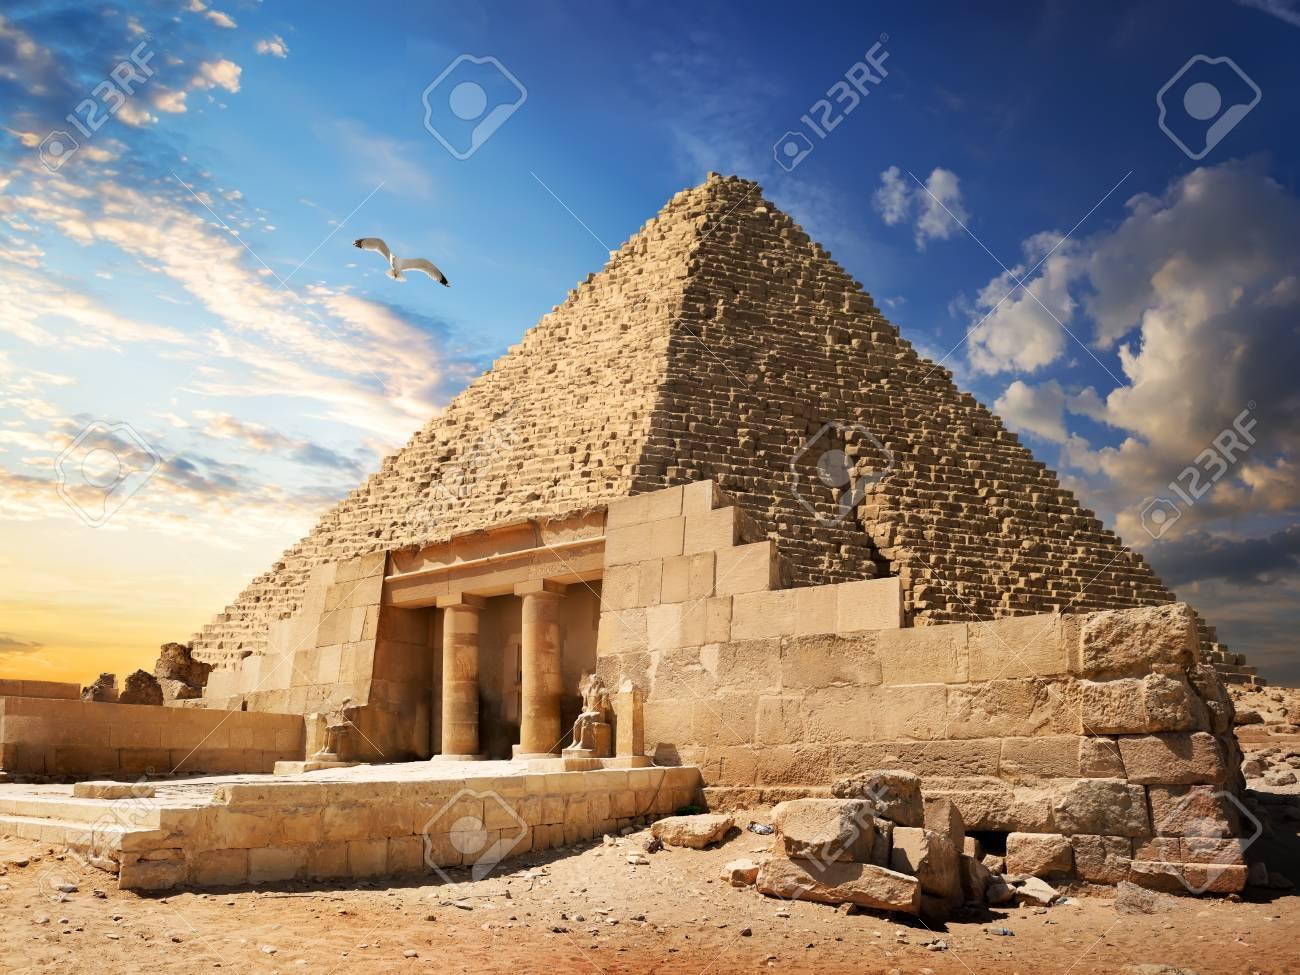 Pyramid near Giza - 93858129